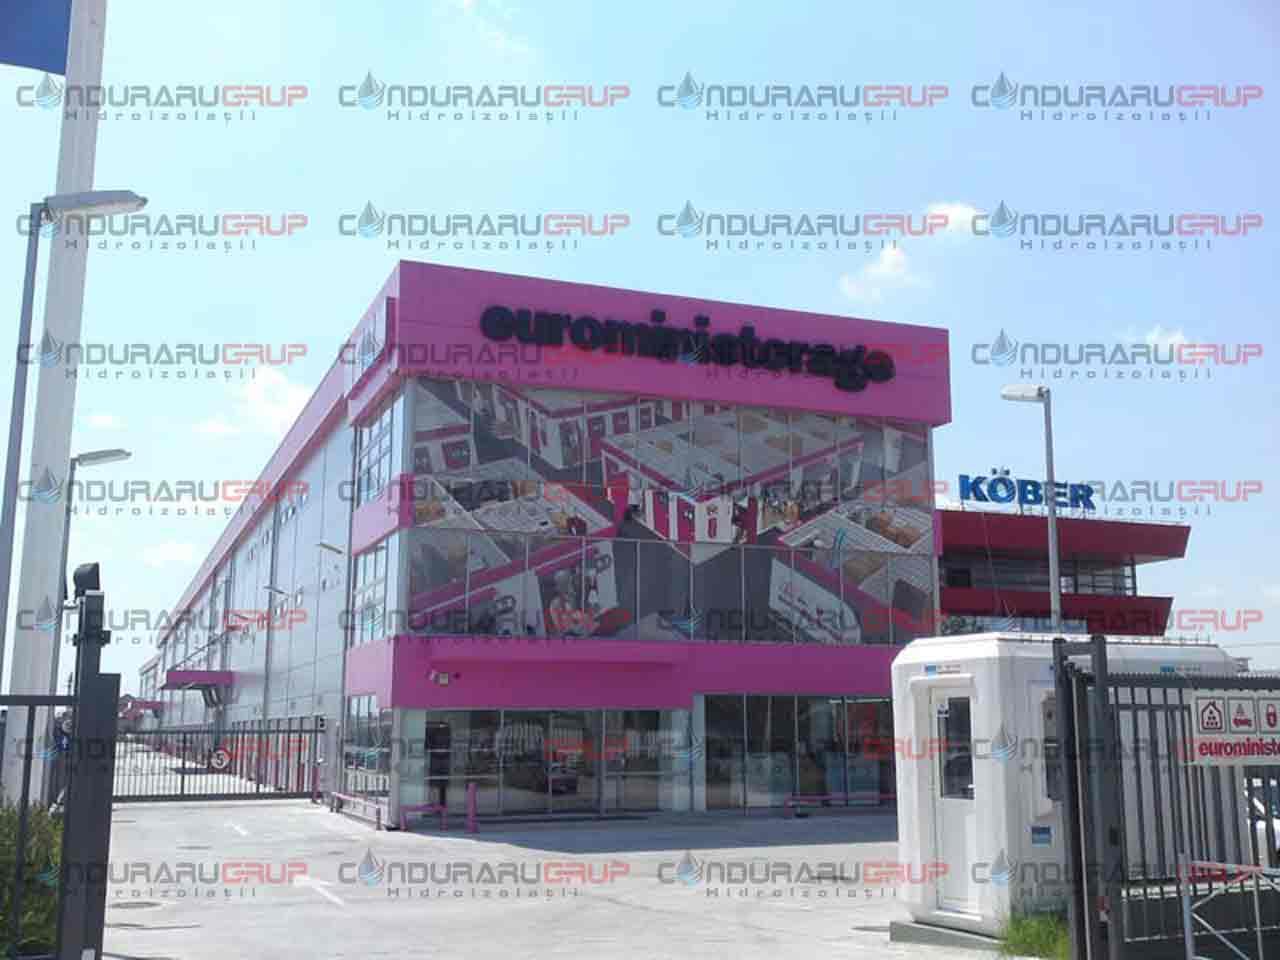 Centrul logistic si spatii de inchiriat Euroministorage Romania CONDURARU GRUP - Poza 1